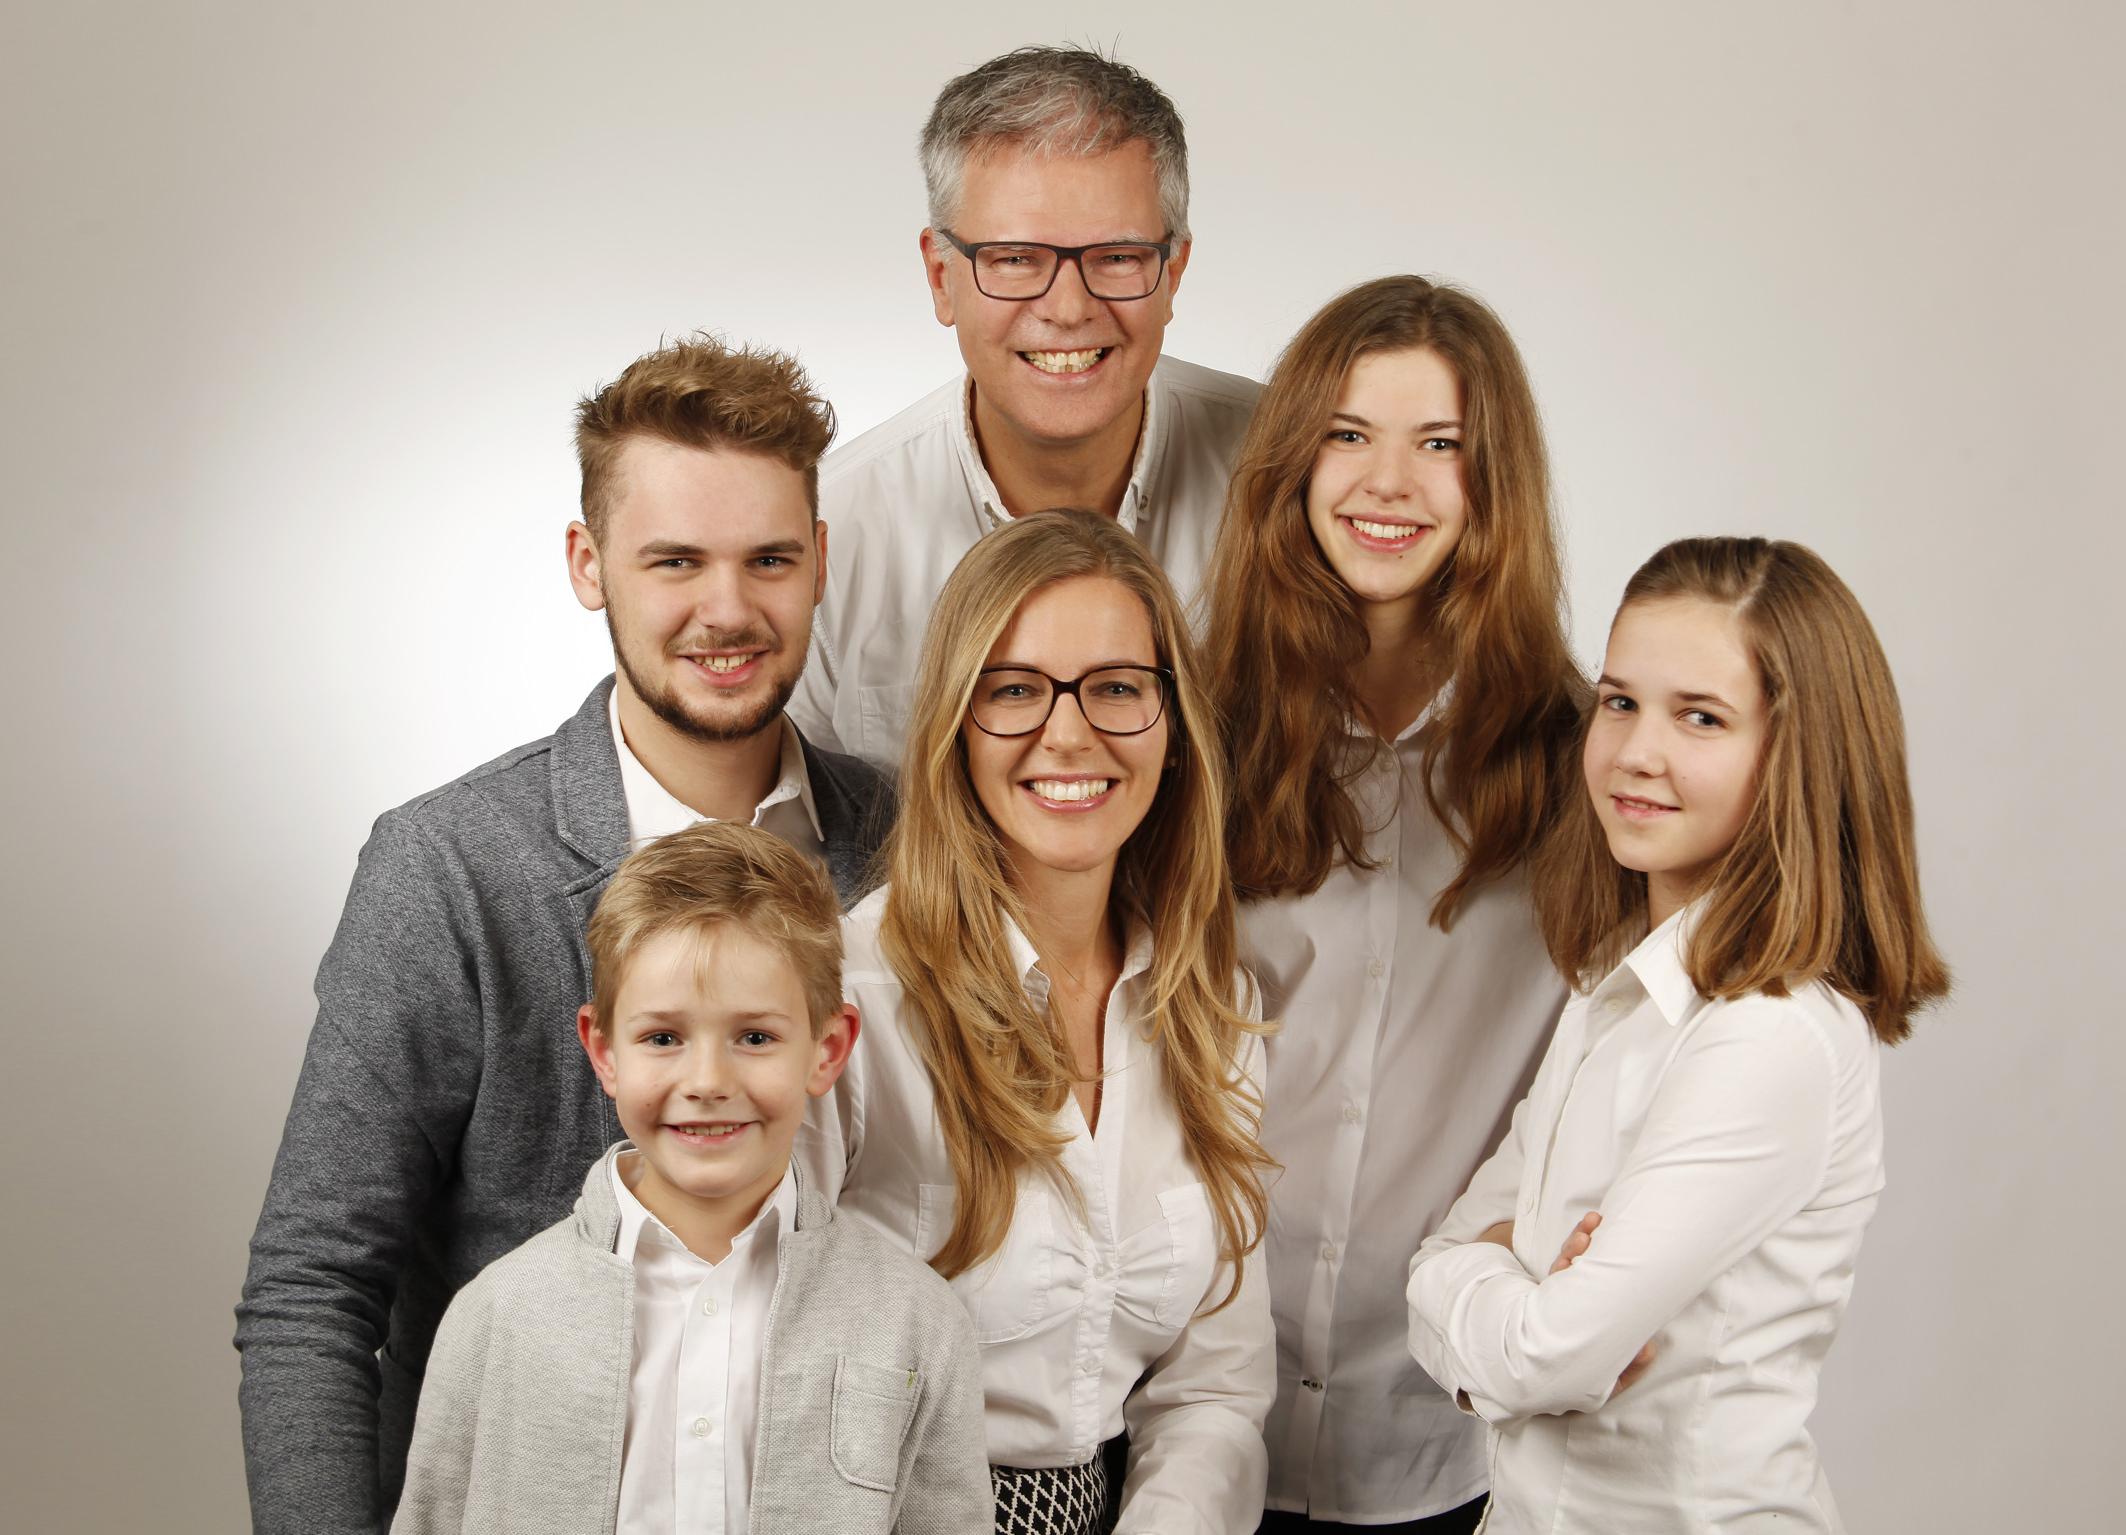 Familienportrait mit 4 Kinder